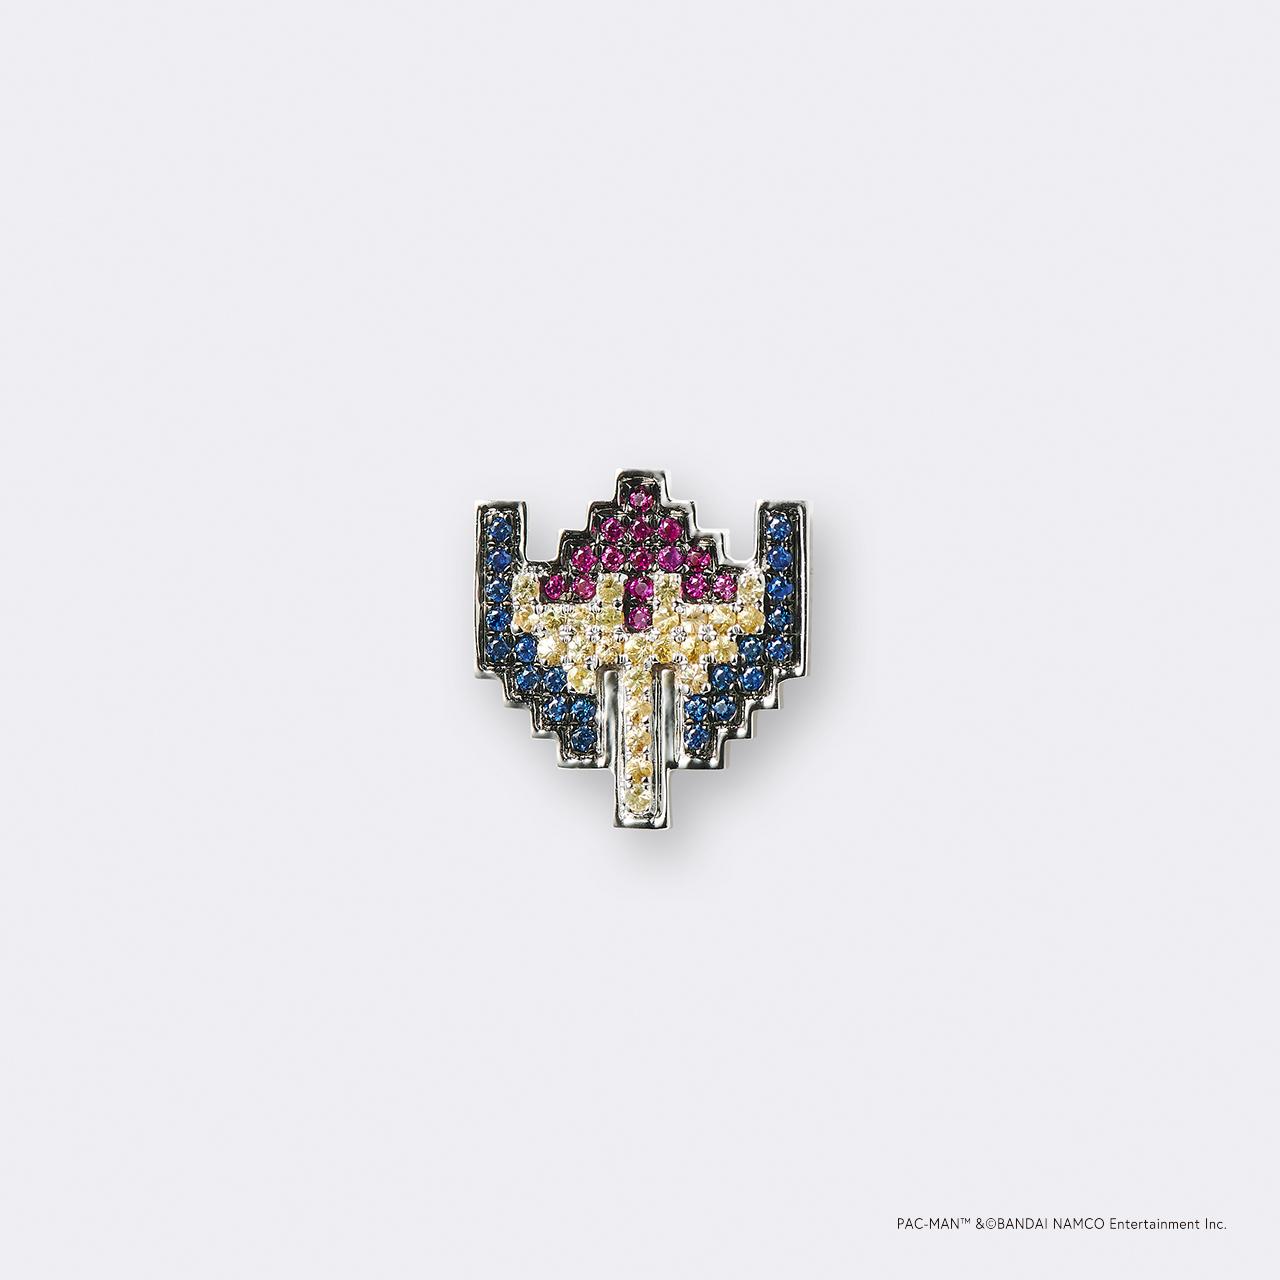 PAC-MAN  (パックマン) K18WG・ボーナスキャラ ギャラクシアン/ブルーサファイア ルビー イエローサファイア ピンバッジ